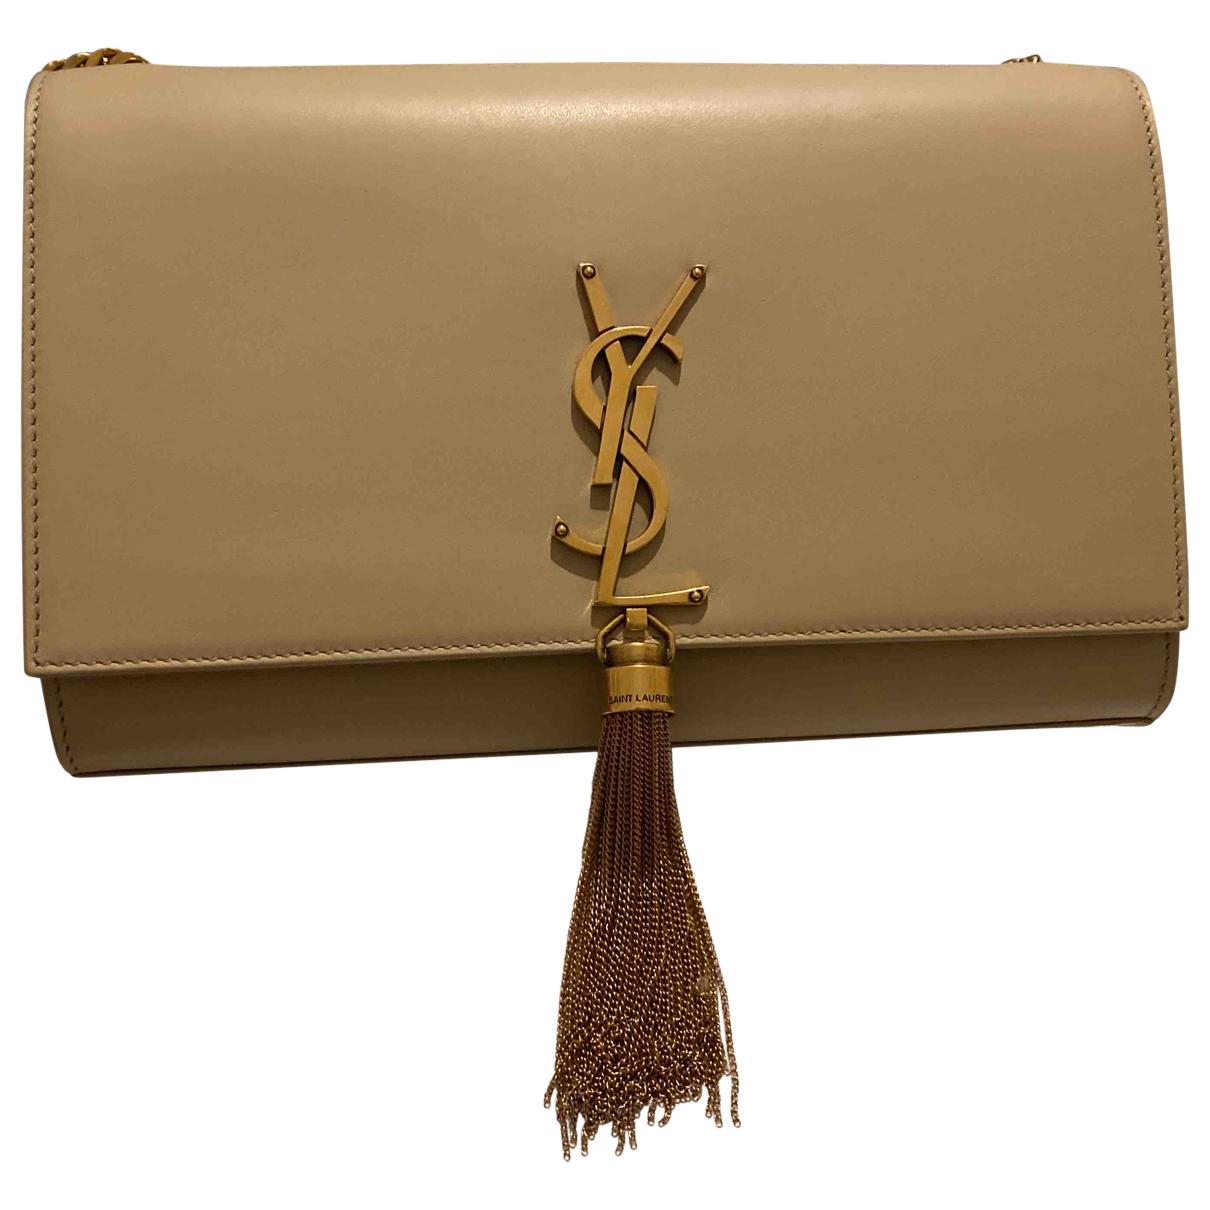 Saint Laurent Pompom Kate Handtasche in  Beige Leder